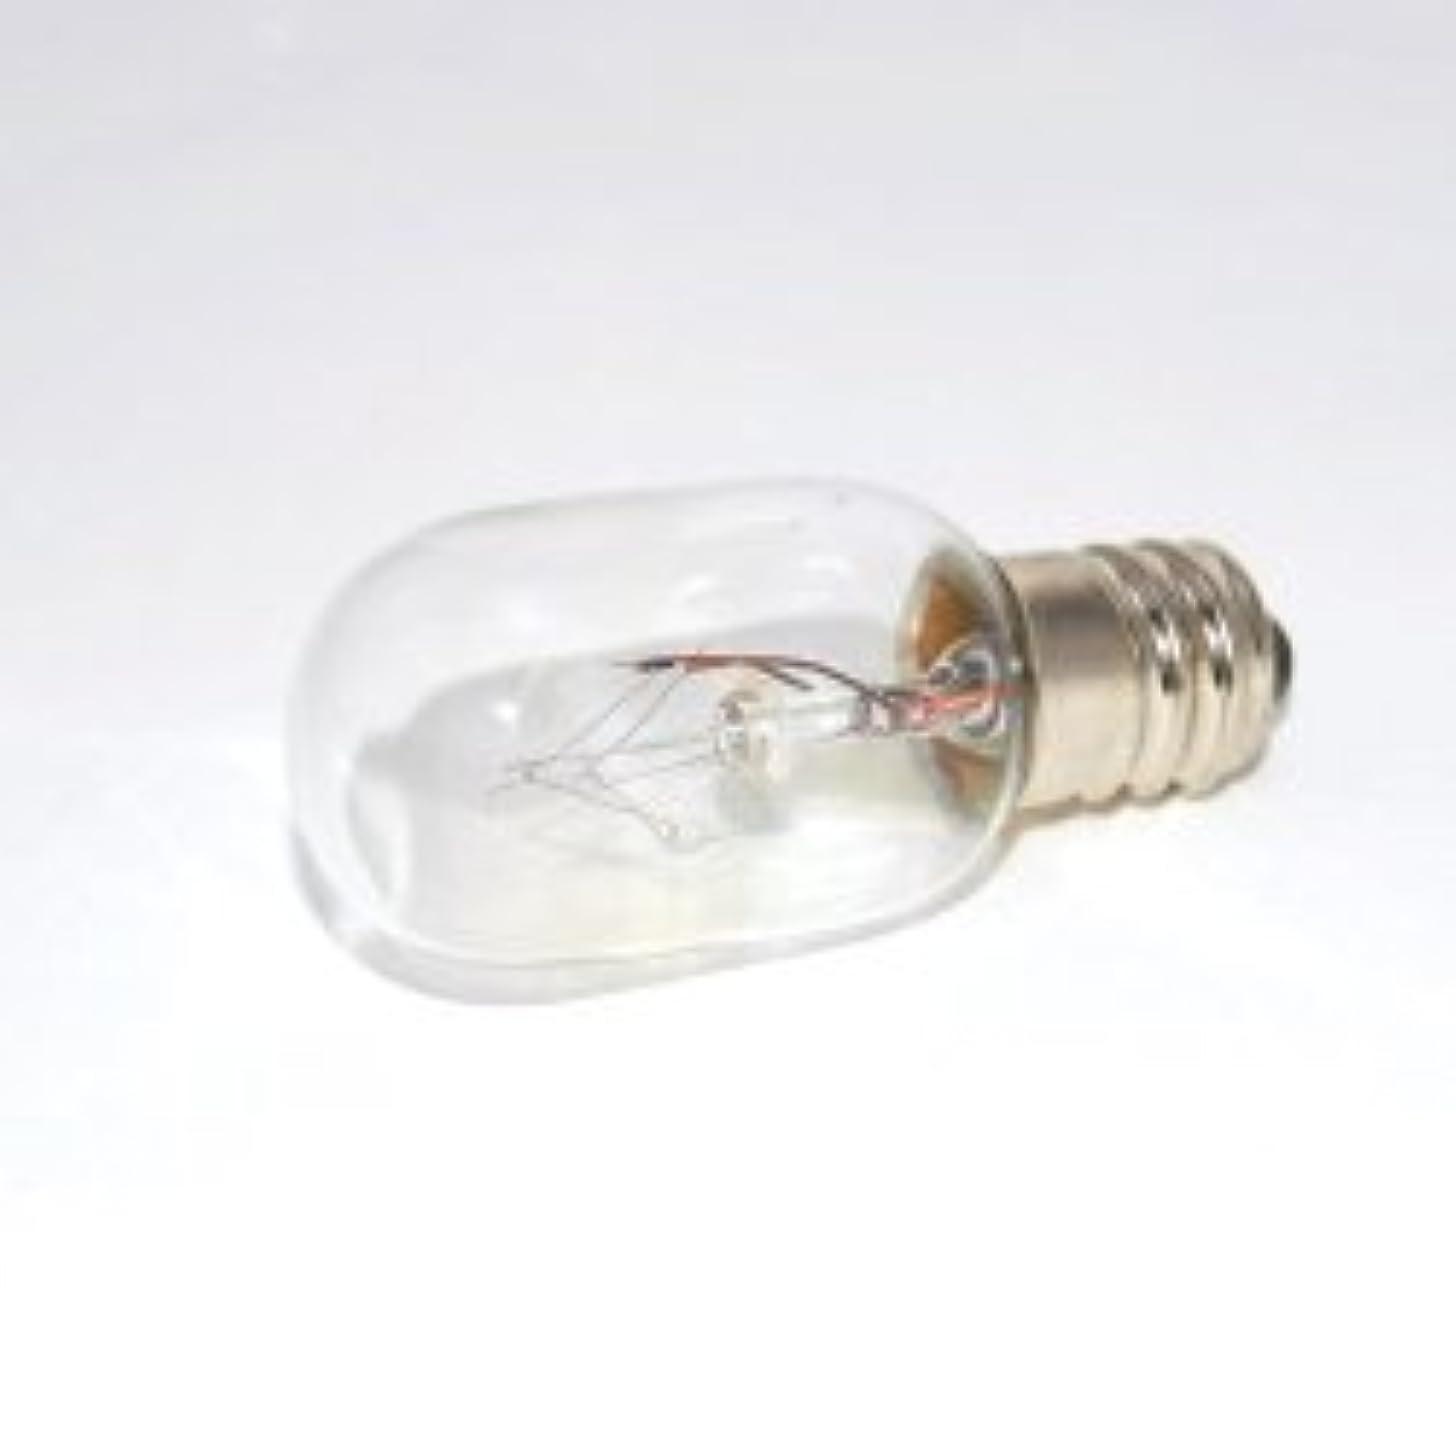 くしゃくしゃ縁石音声アロマライト電球 E12 10W クリアー